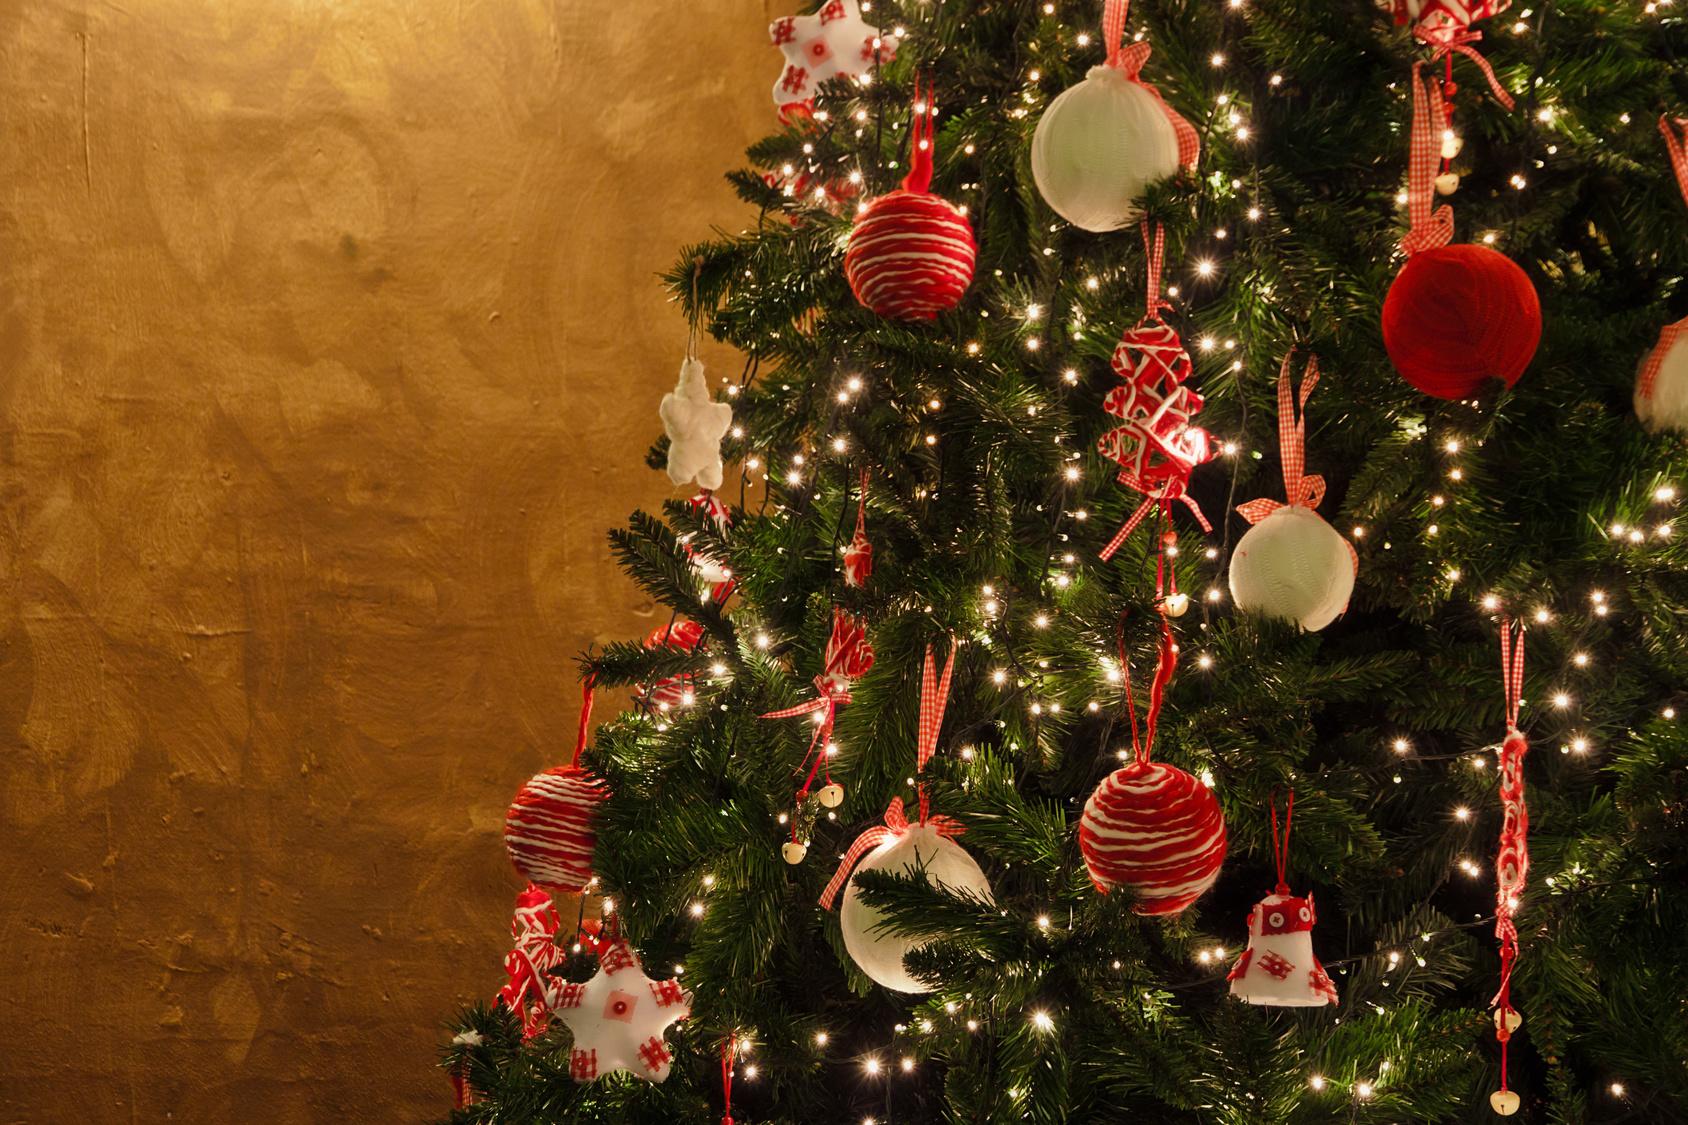 Decoraci n navide a con beb s imfer blog lo que quieres saber de fertilidad - Arbol de navidad en casa ...